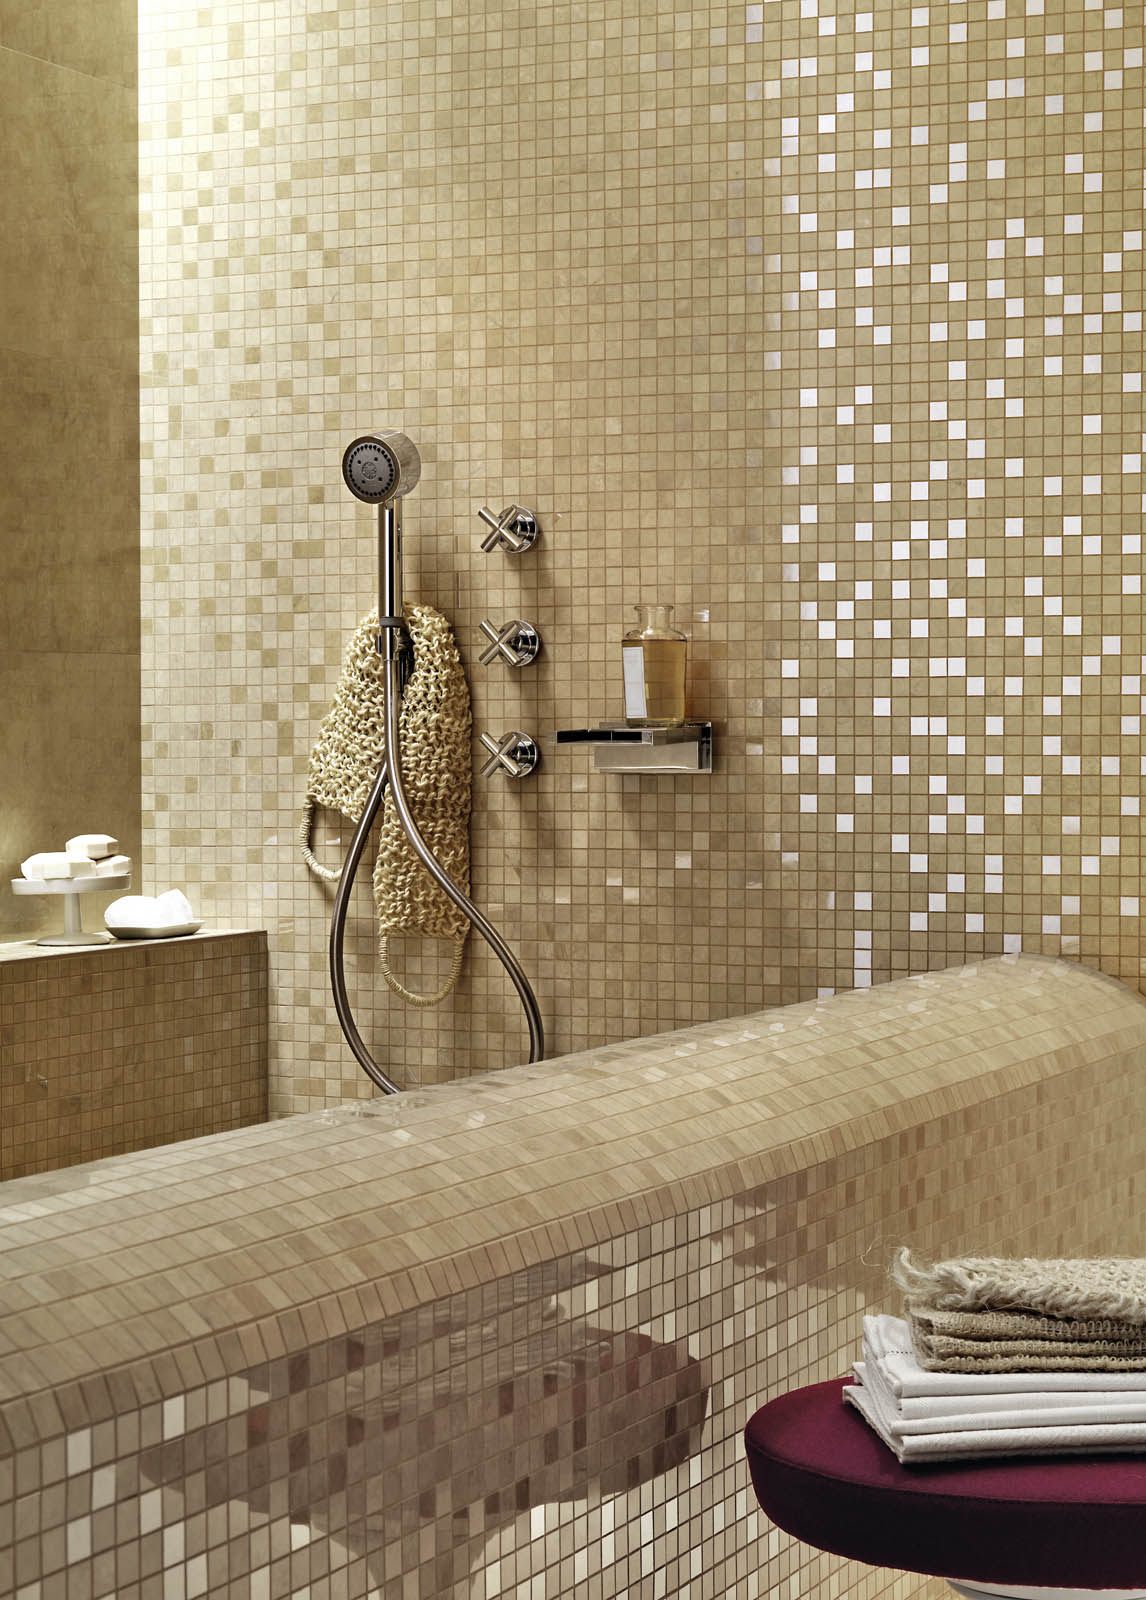 Carrelage mosa que pour salle de bain et autres marazzi - Carrelage mosaique salle de bain ...